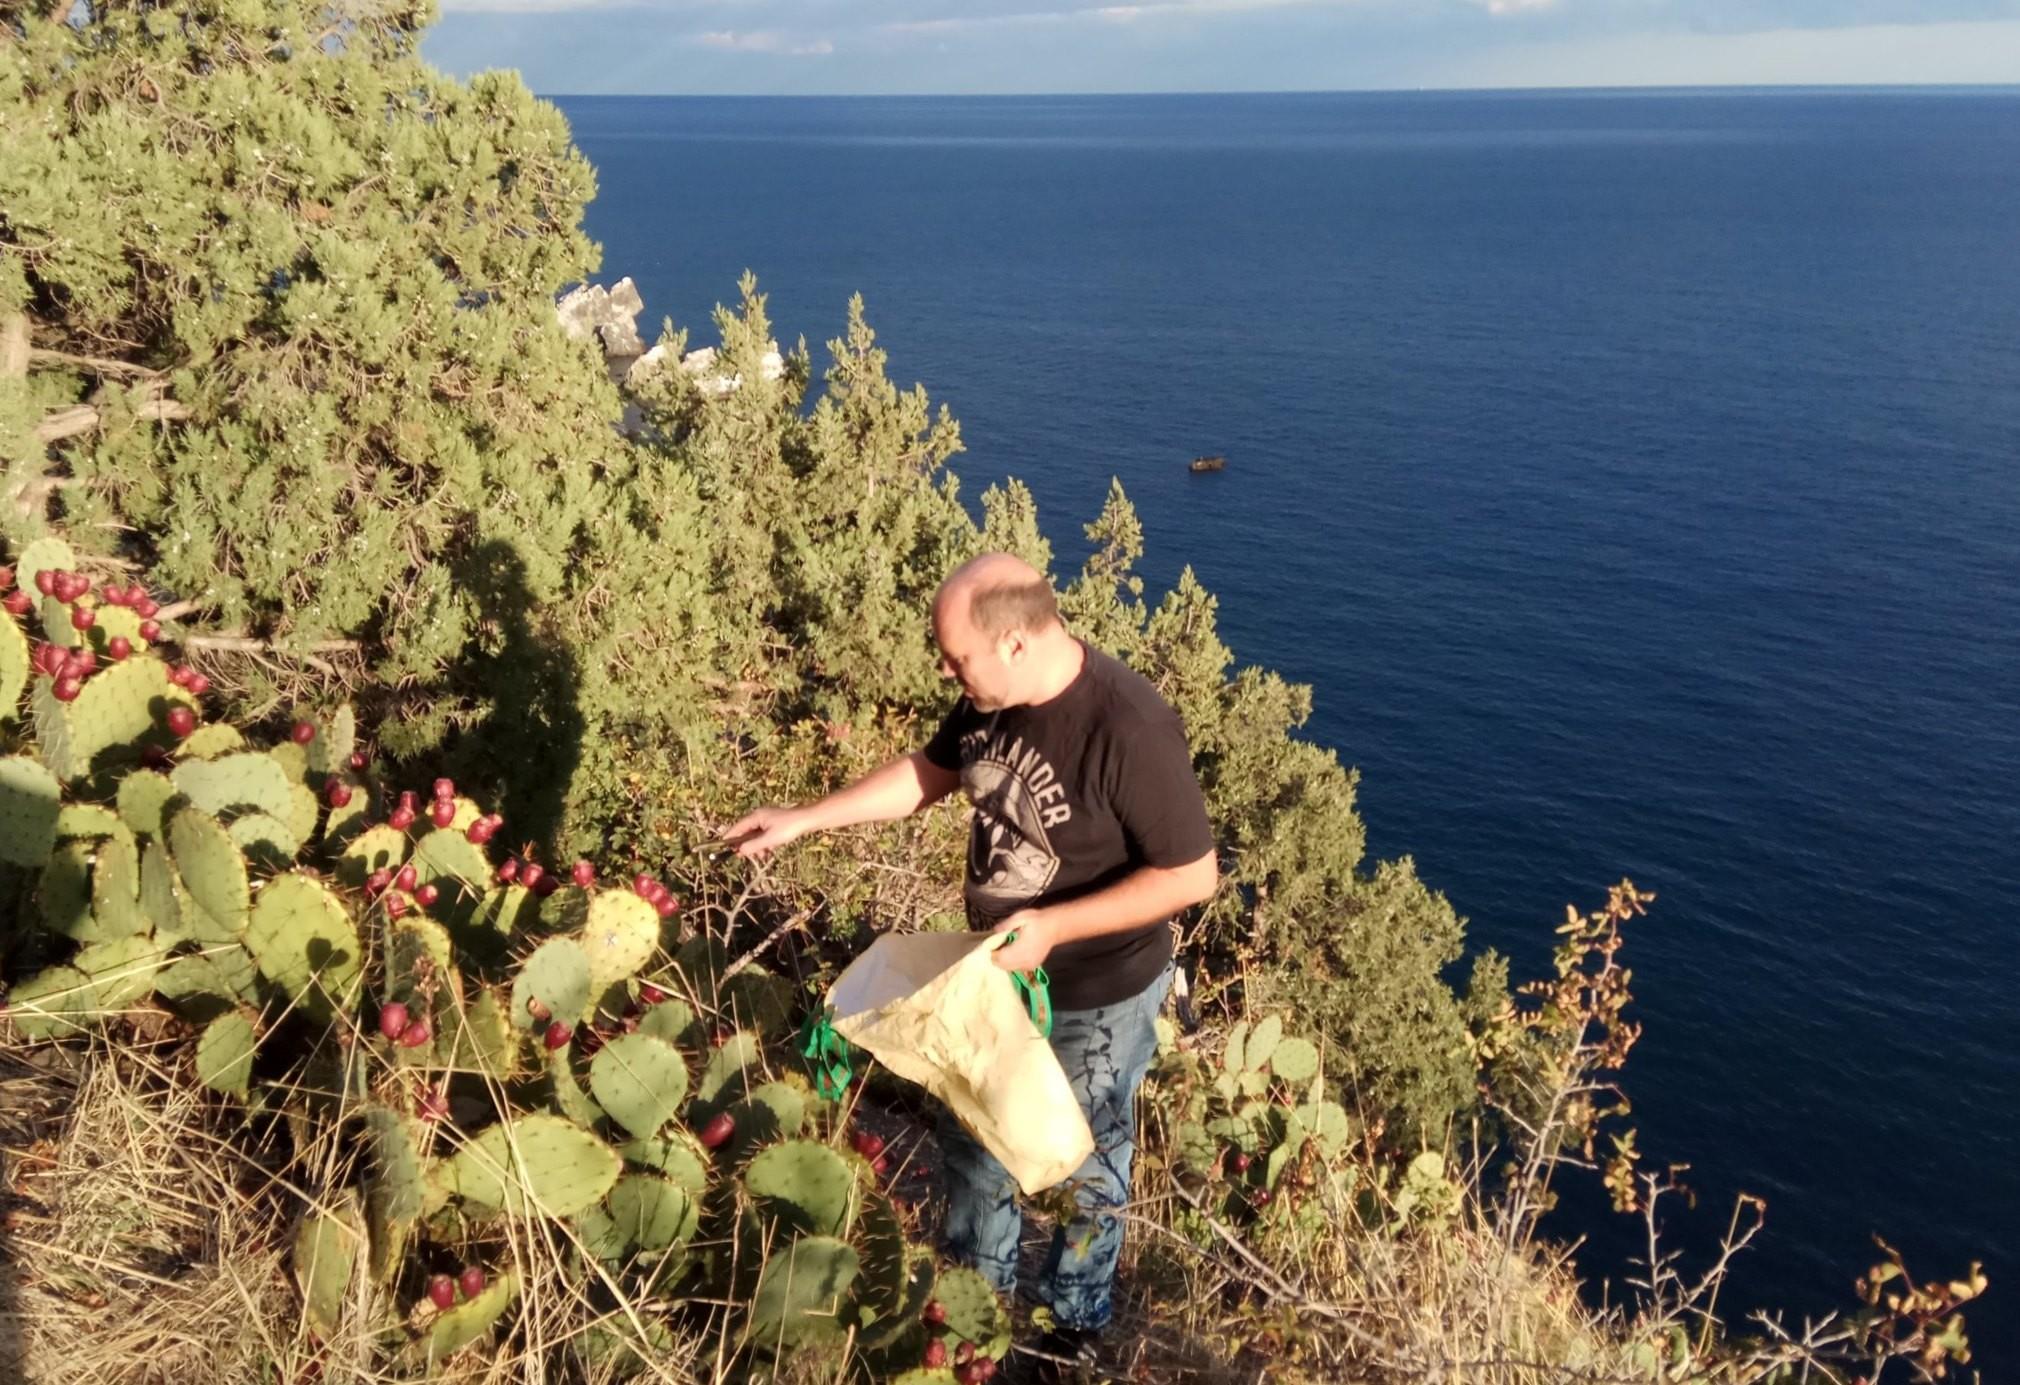 органический уксус из плодов опунции купить на Крым-трава